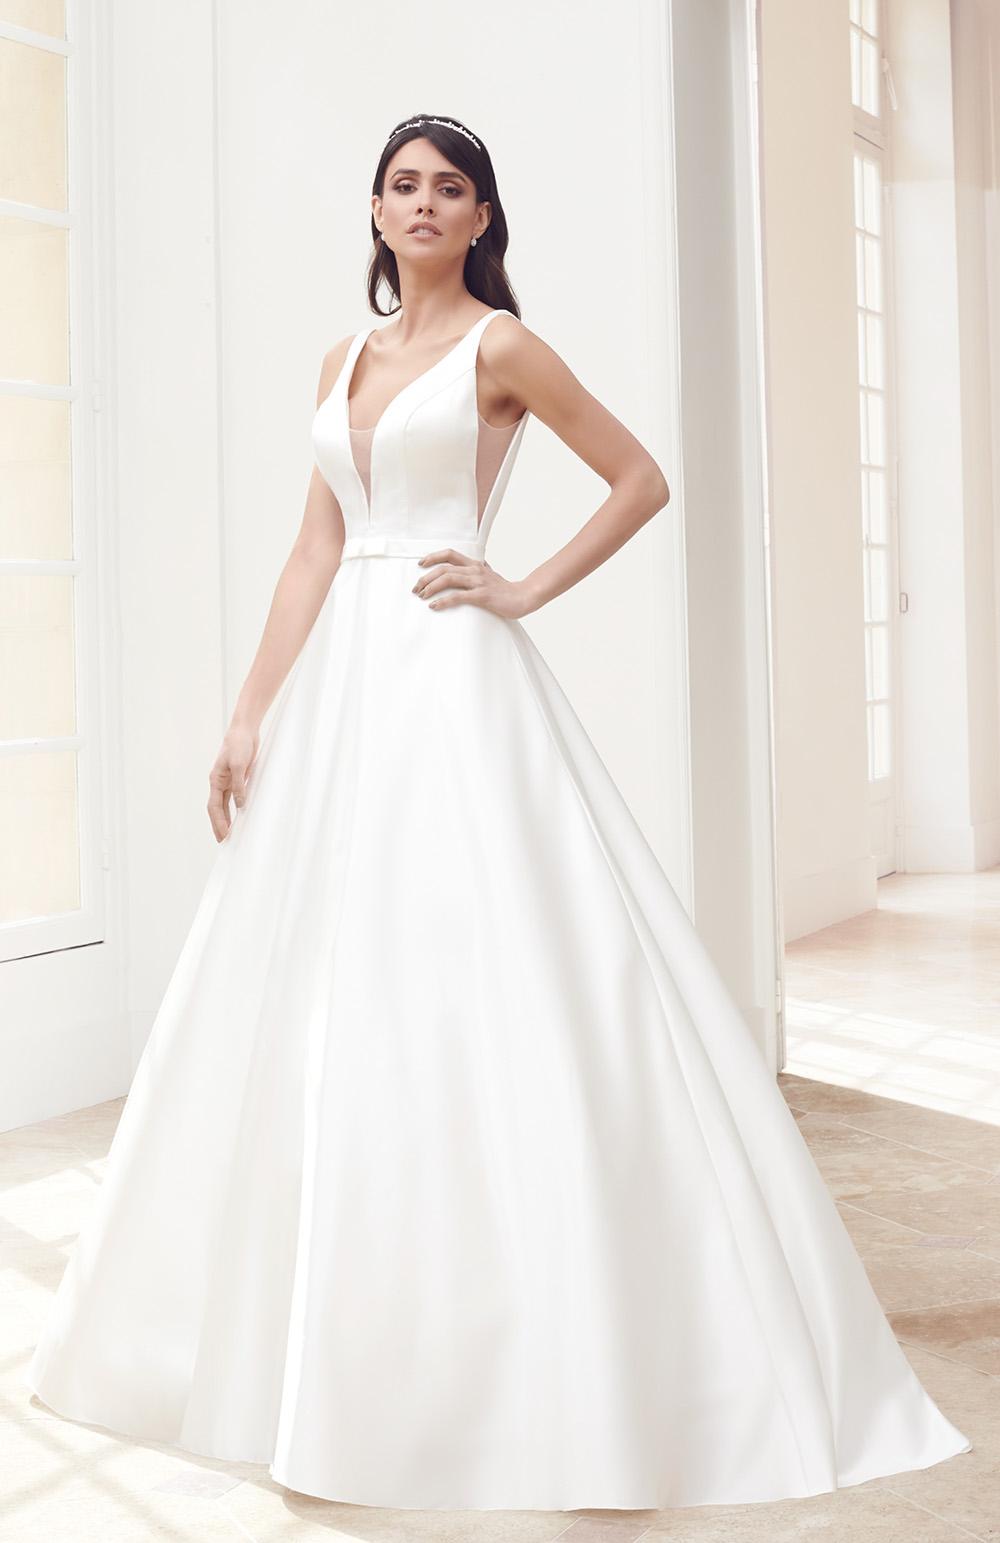 Robe de mariée Modèle Oanell